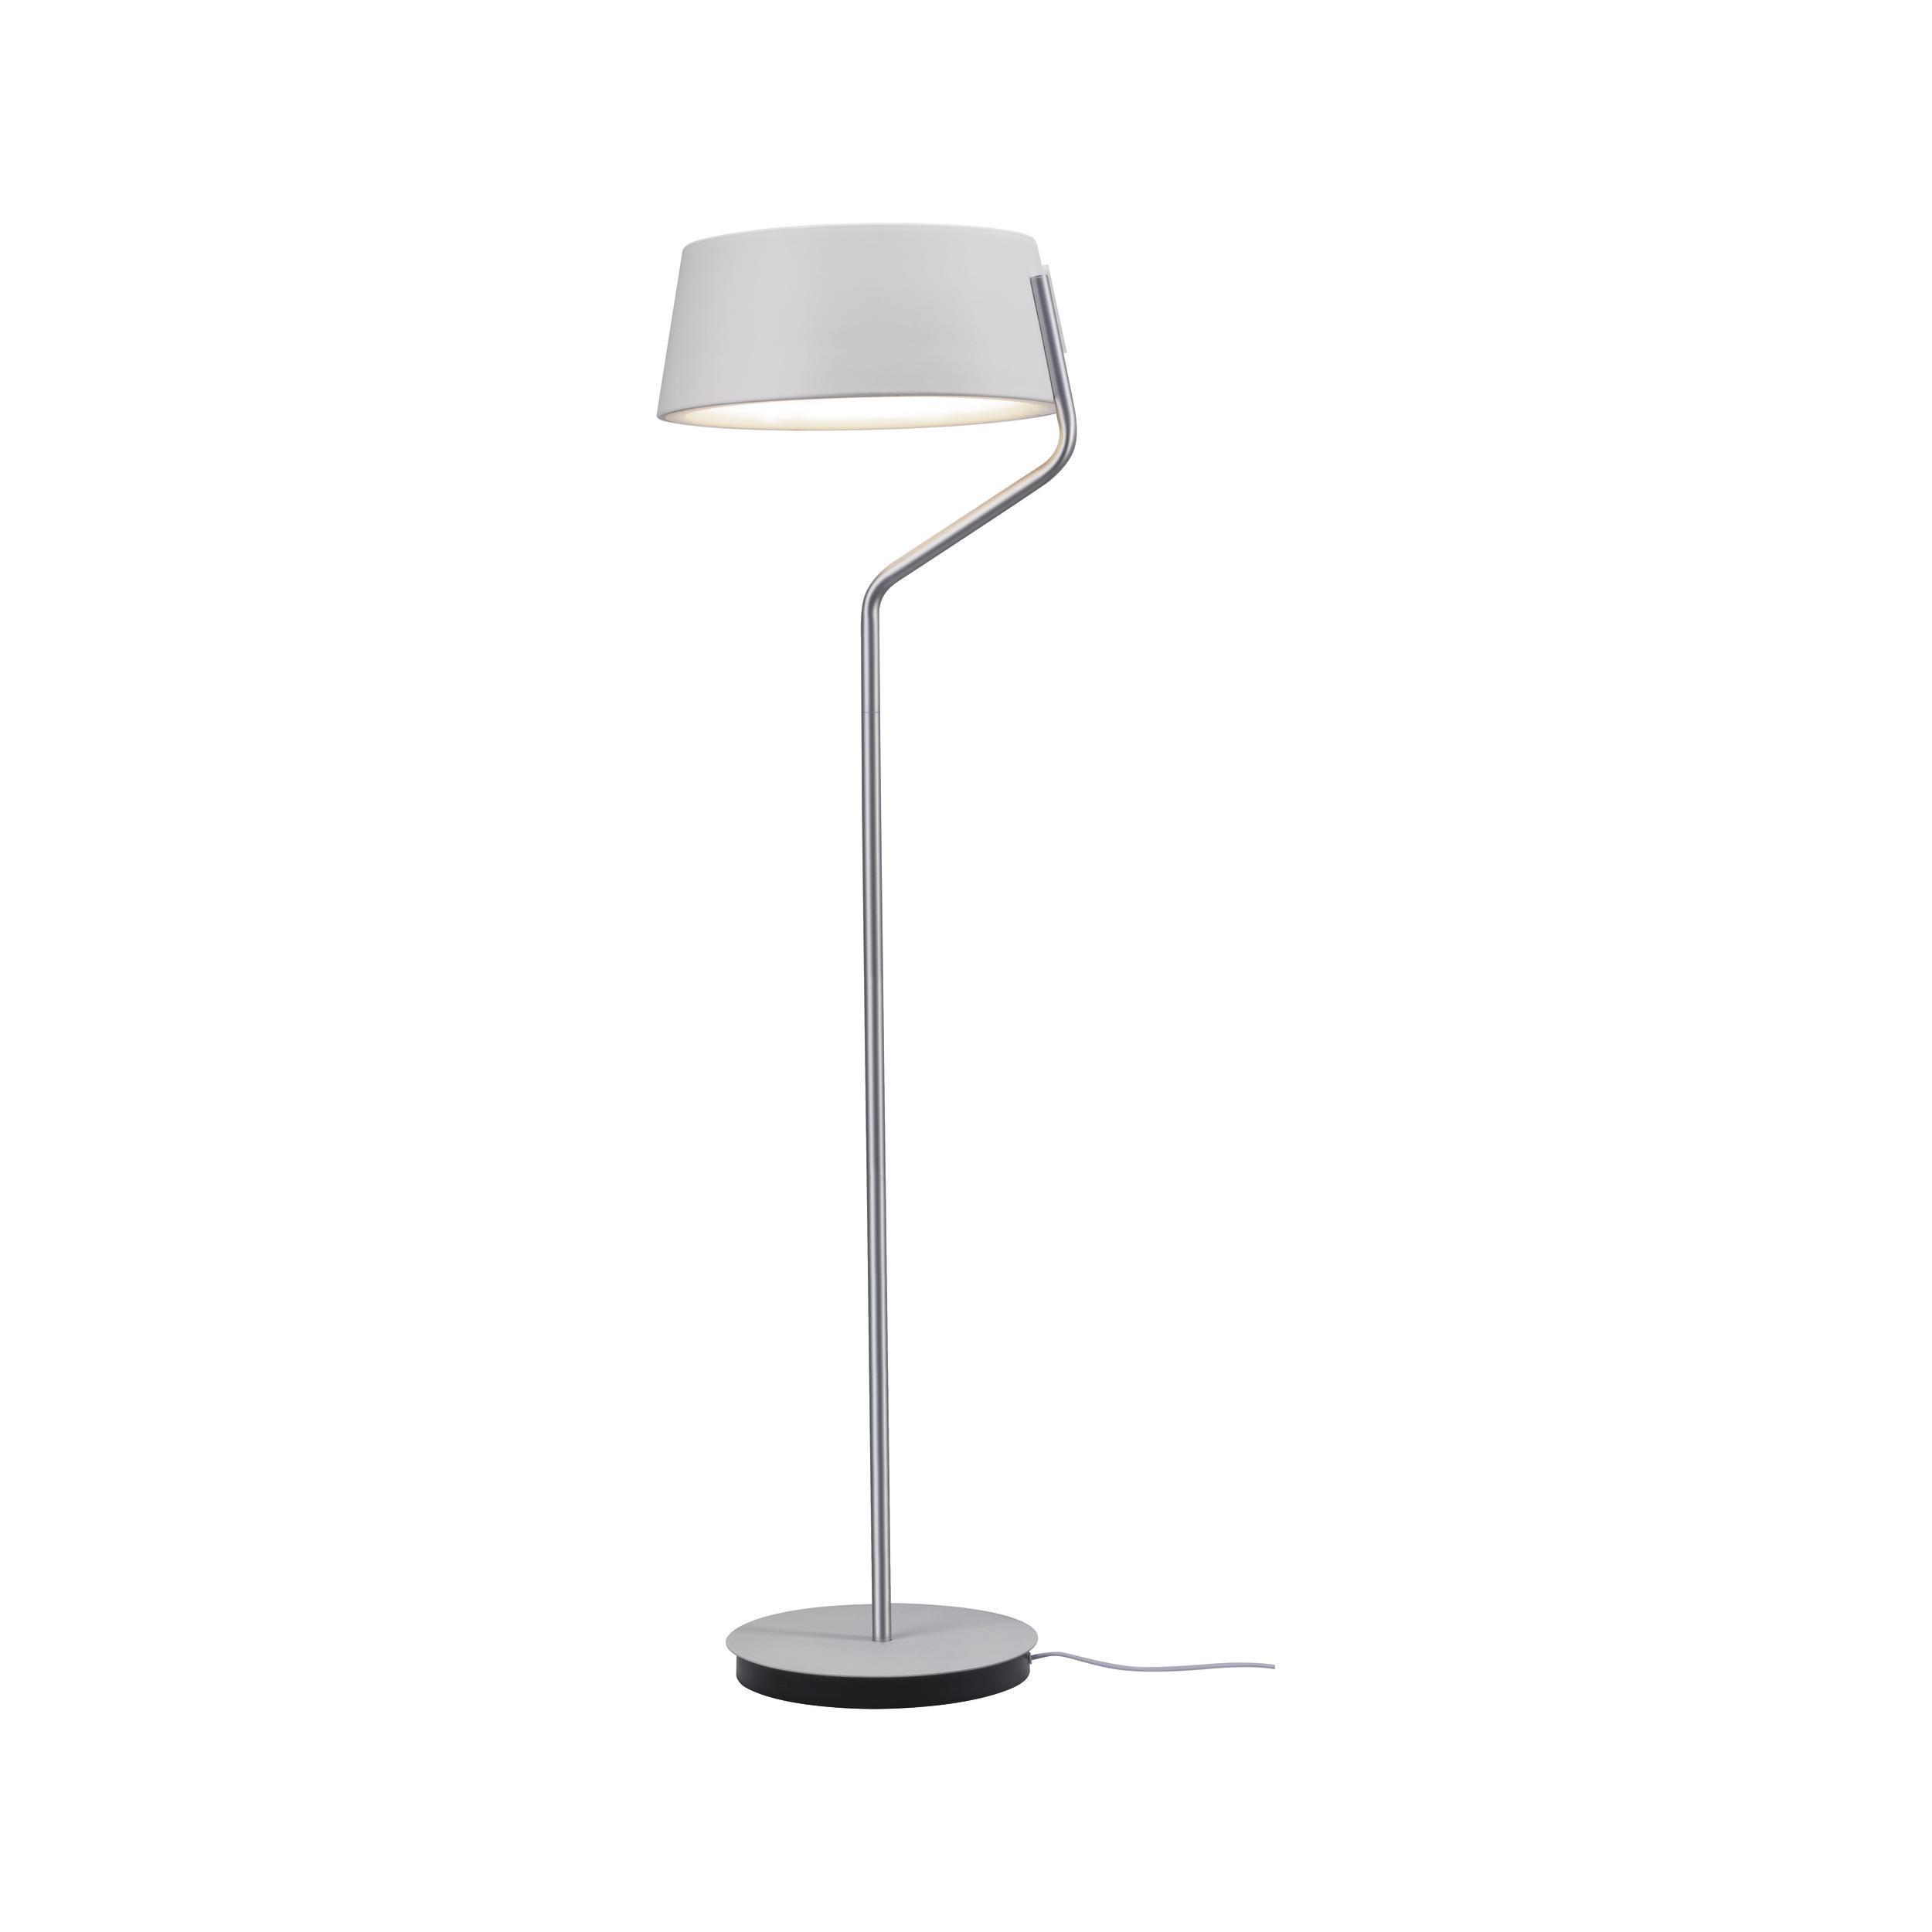 Full Size of Stehlampe Led Dimmbar Stehlampen Entdecken Mmax Deckenleuchte Schlafzimmer Spiegel Bad Wohnzimmer Einbaustrahler Big Sofa Leder Lampen Spiegelschrank Wohnzimmer Stehlampe Led Dimmbar